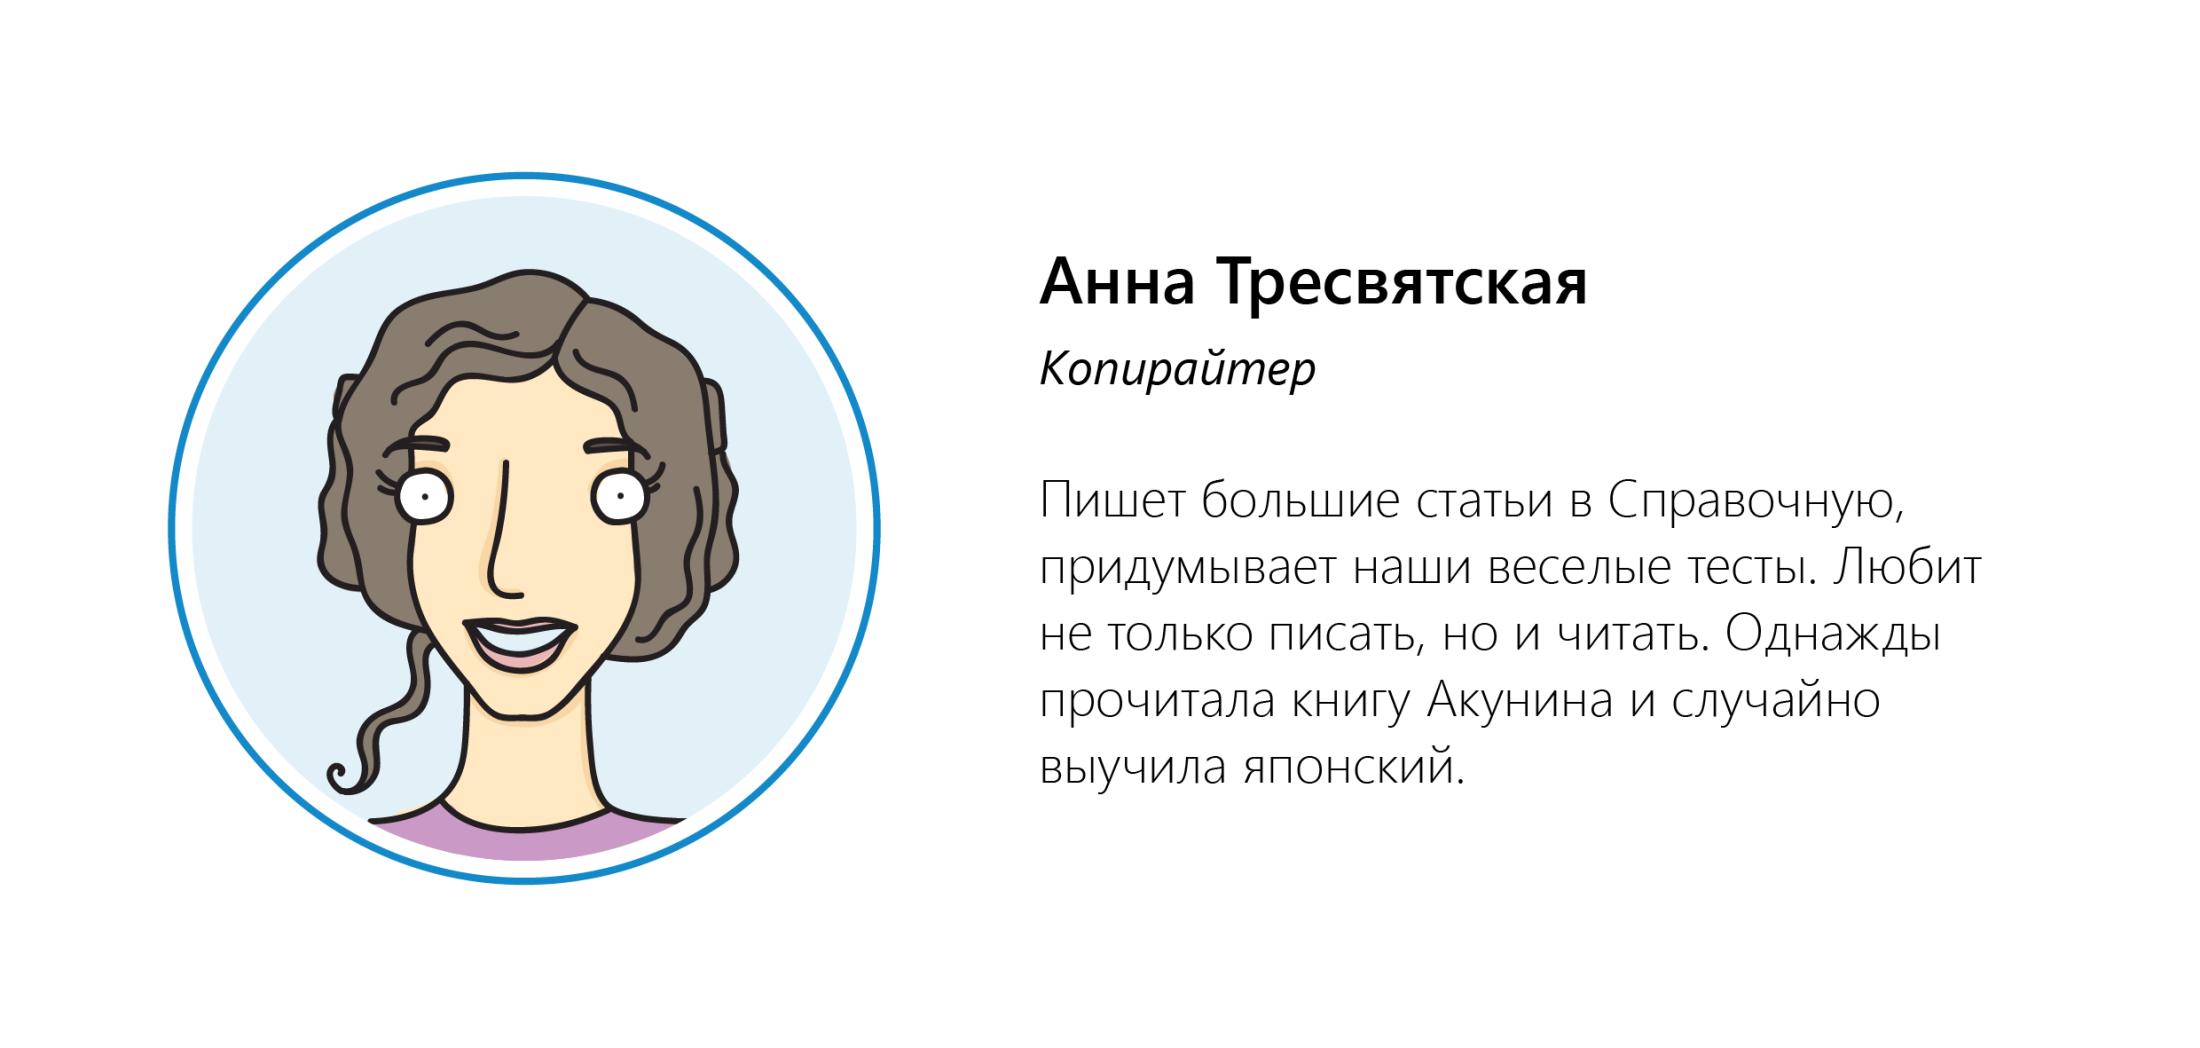 Анна Тресвятская